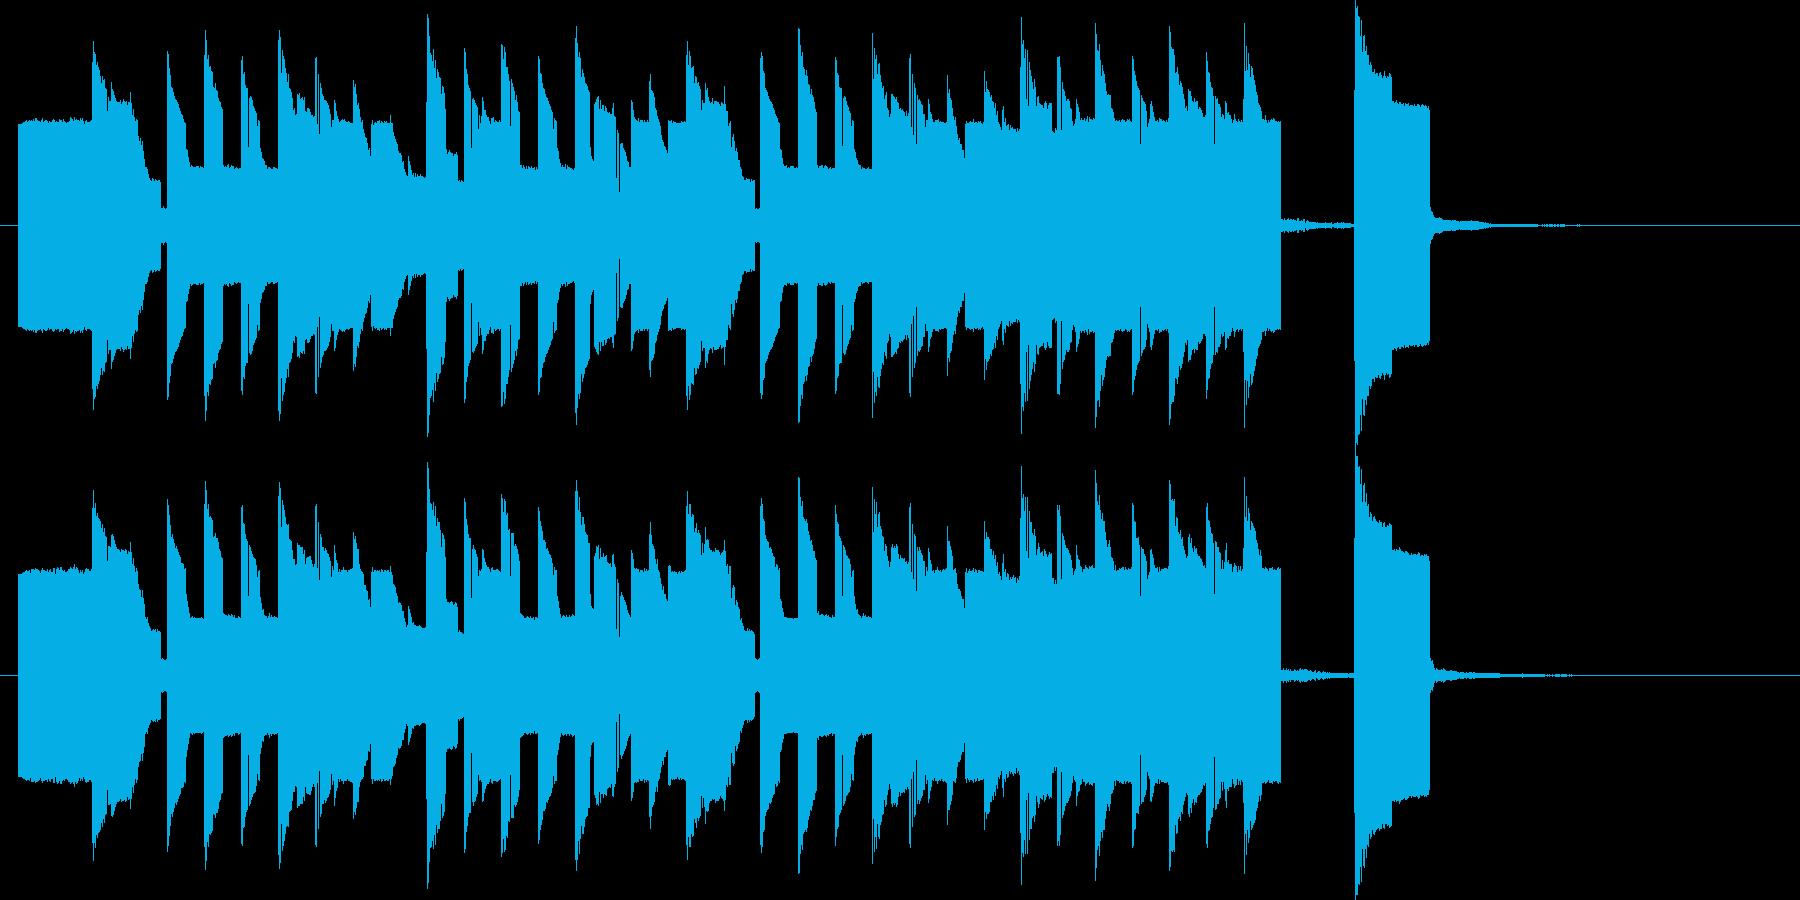 8bitゲームBGM風のジングルの再生済みの波形